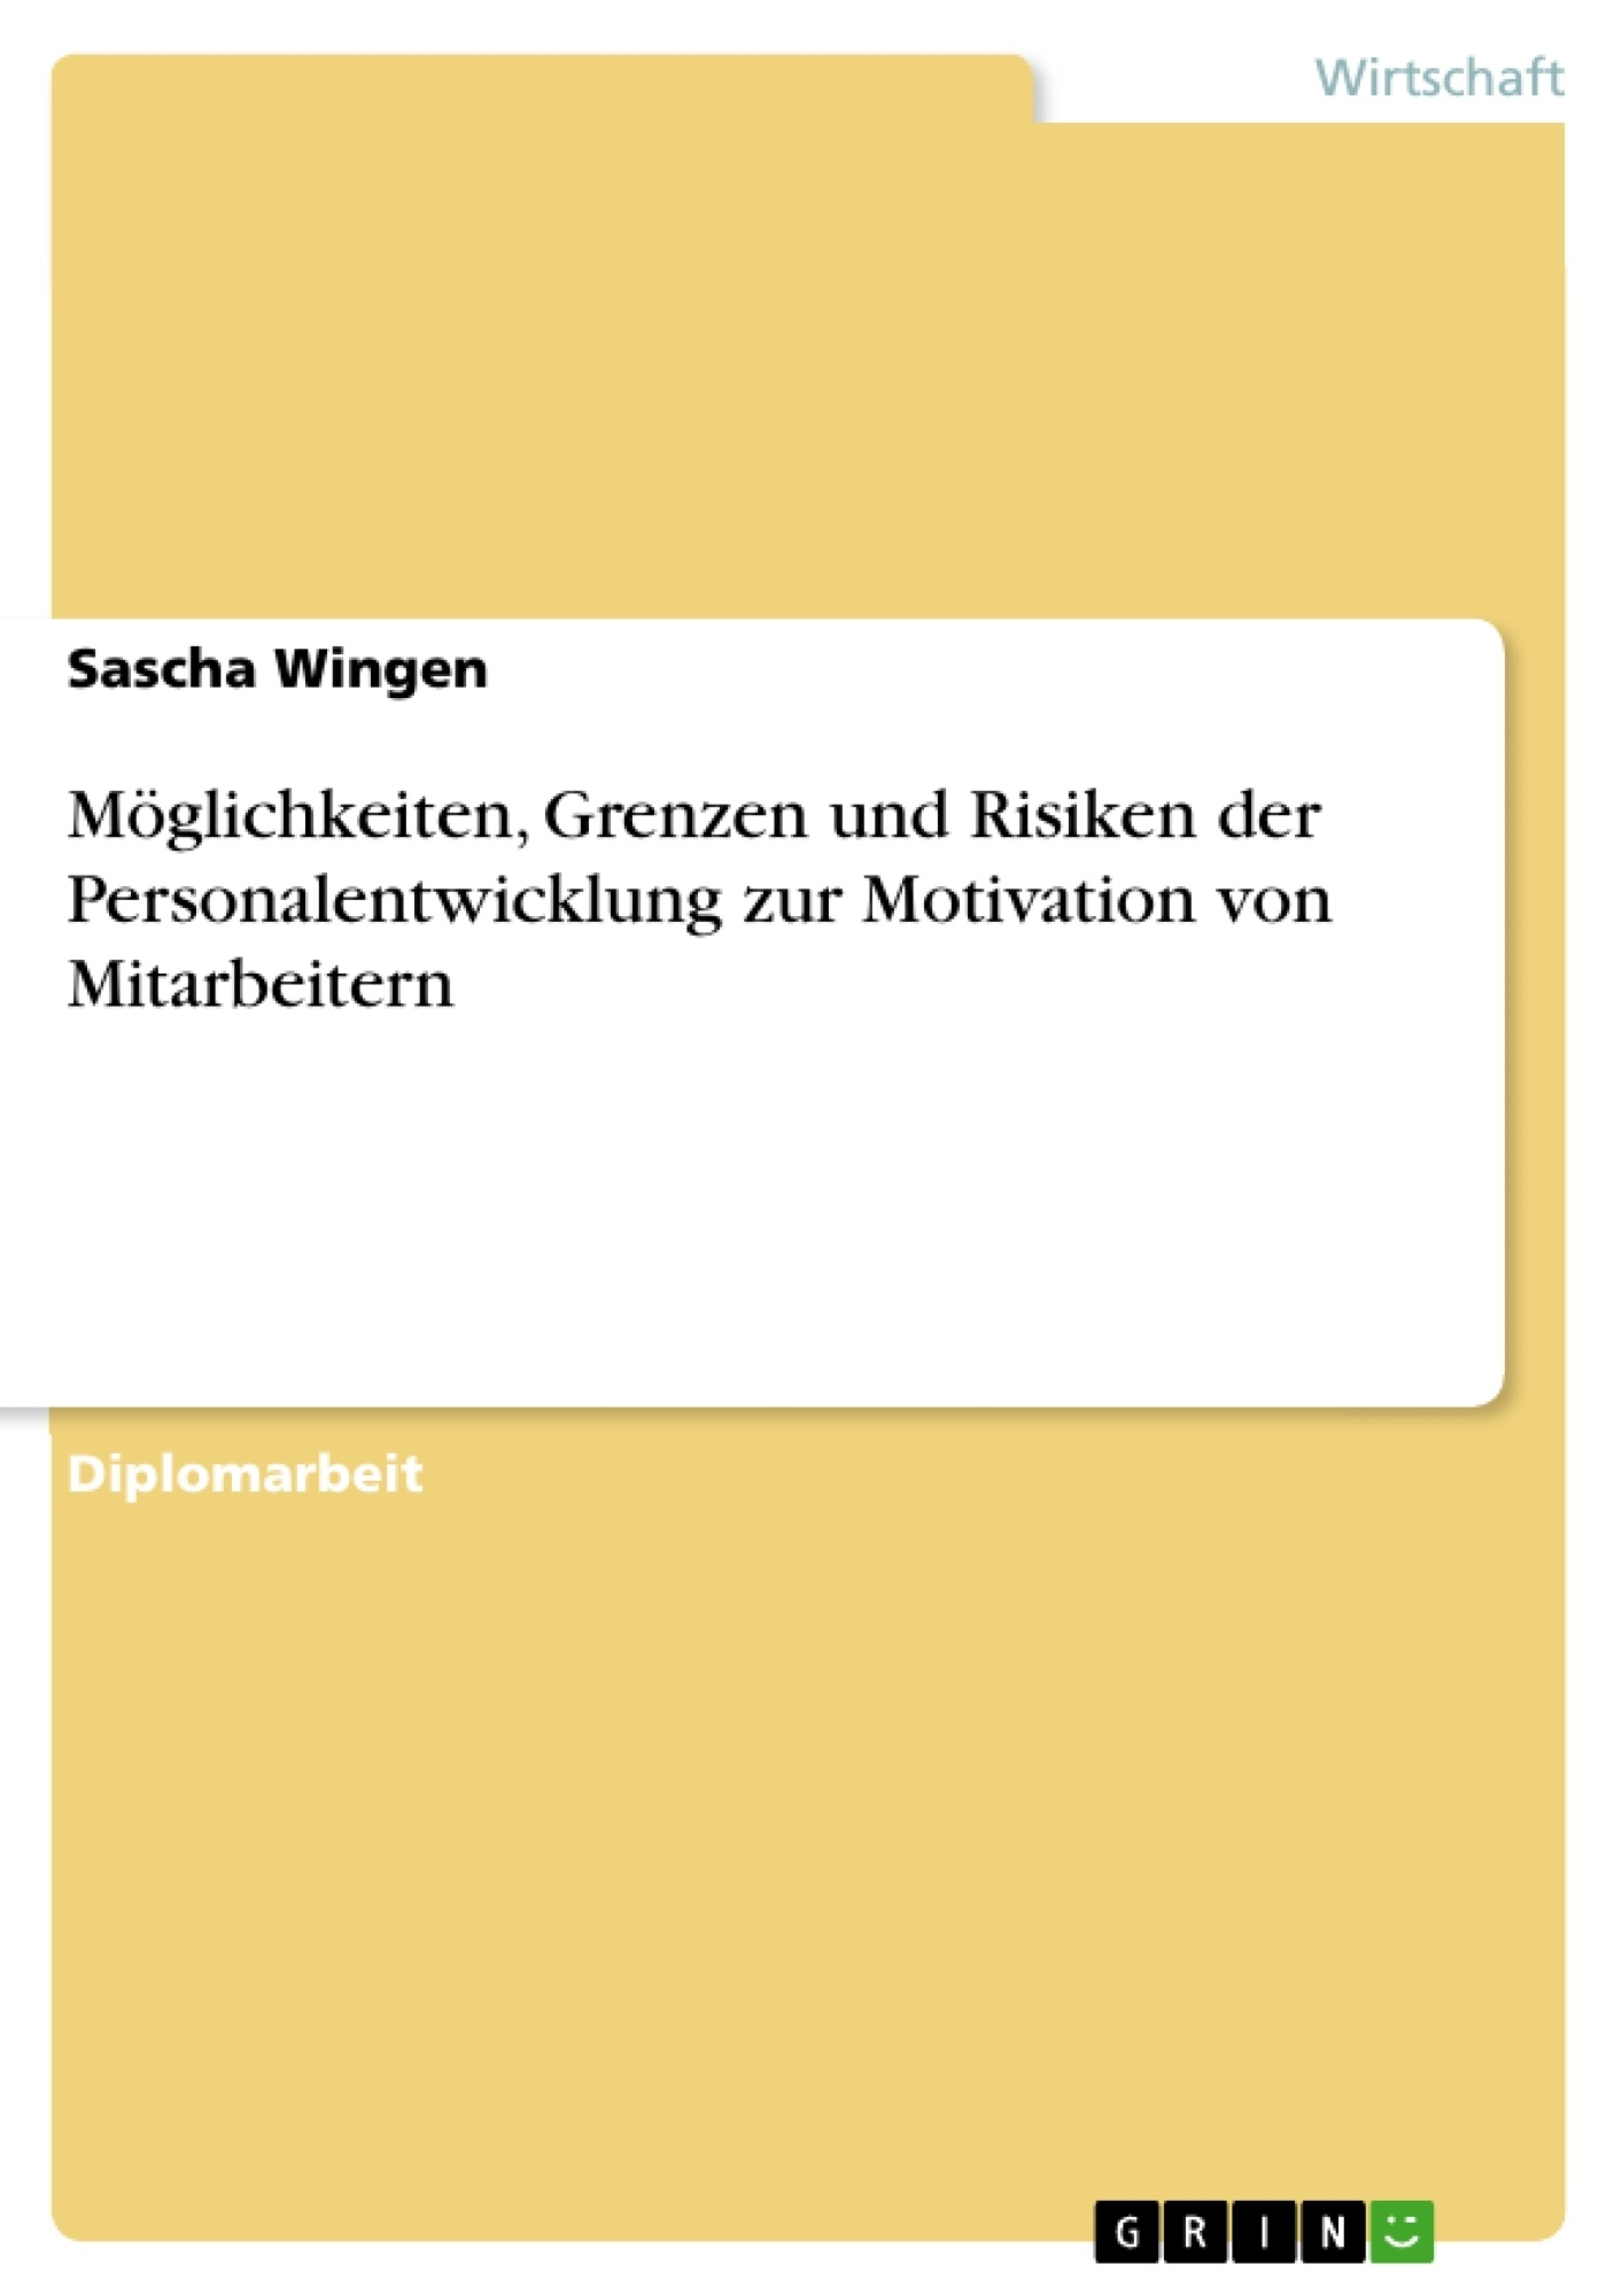 Titel: Möglichkeiten, Grenzen und Risiken der Personalentwicklung zur Motivation von Mitarbeitern